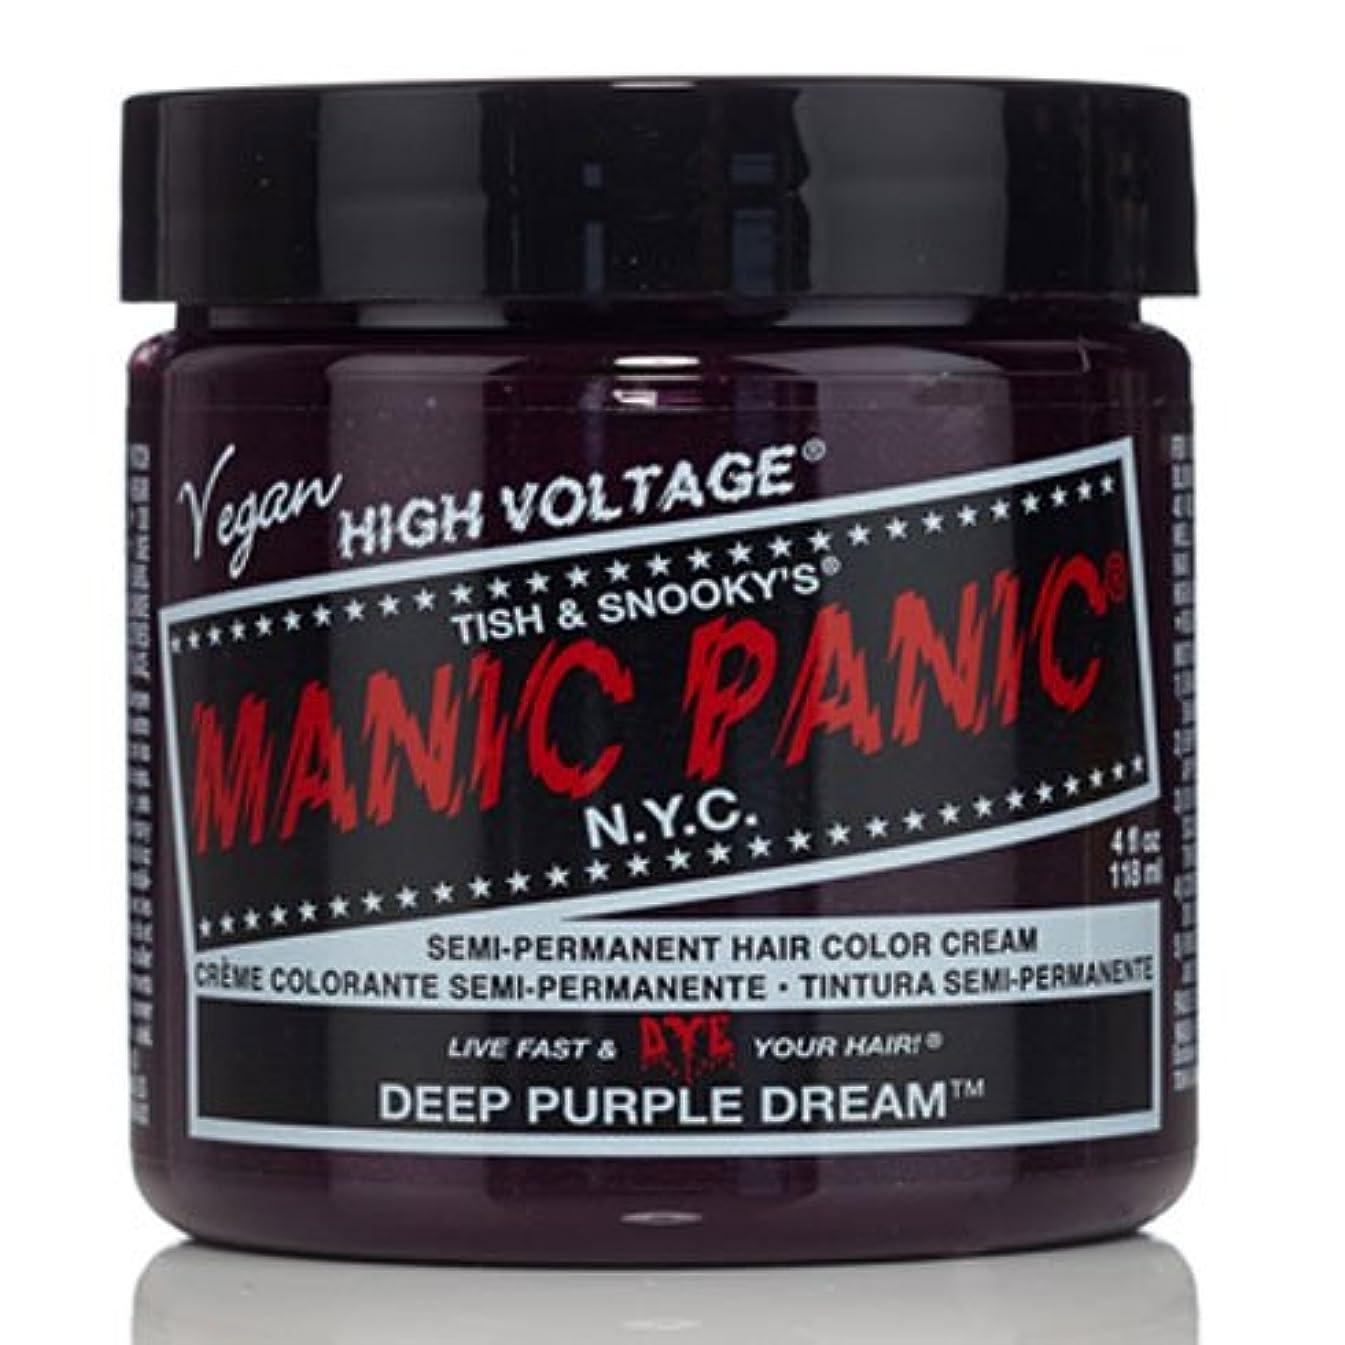 骨男窒素スペシャルセットMANIC PANICマニックパニック:DEEP PURPLE DREAM (ディープパープルドリーム)+ヘアカラーケア4点セット